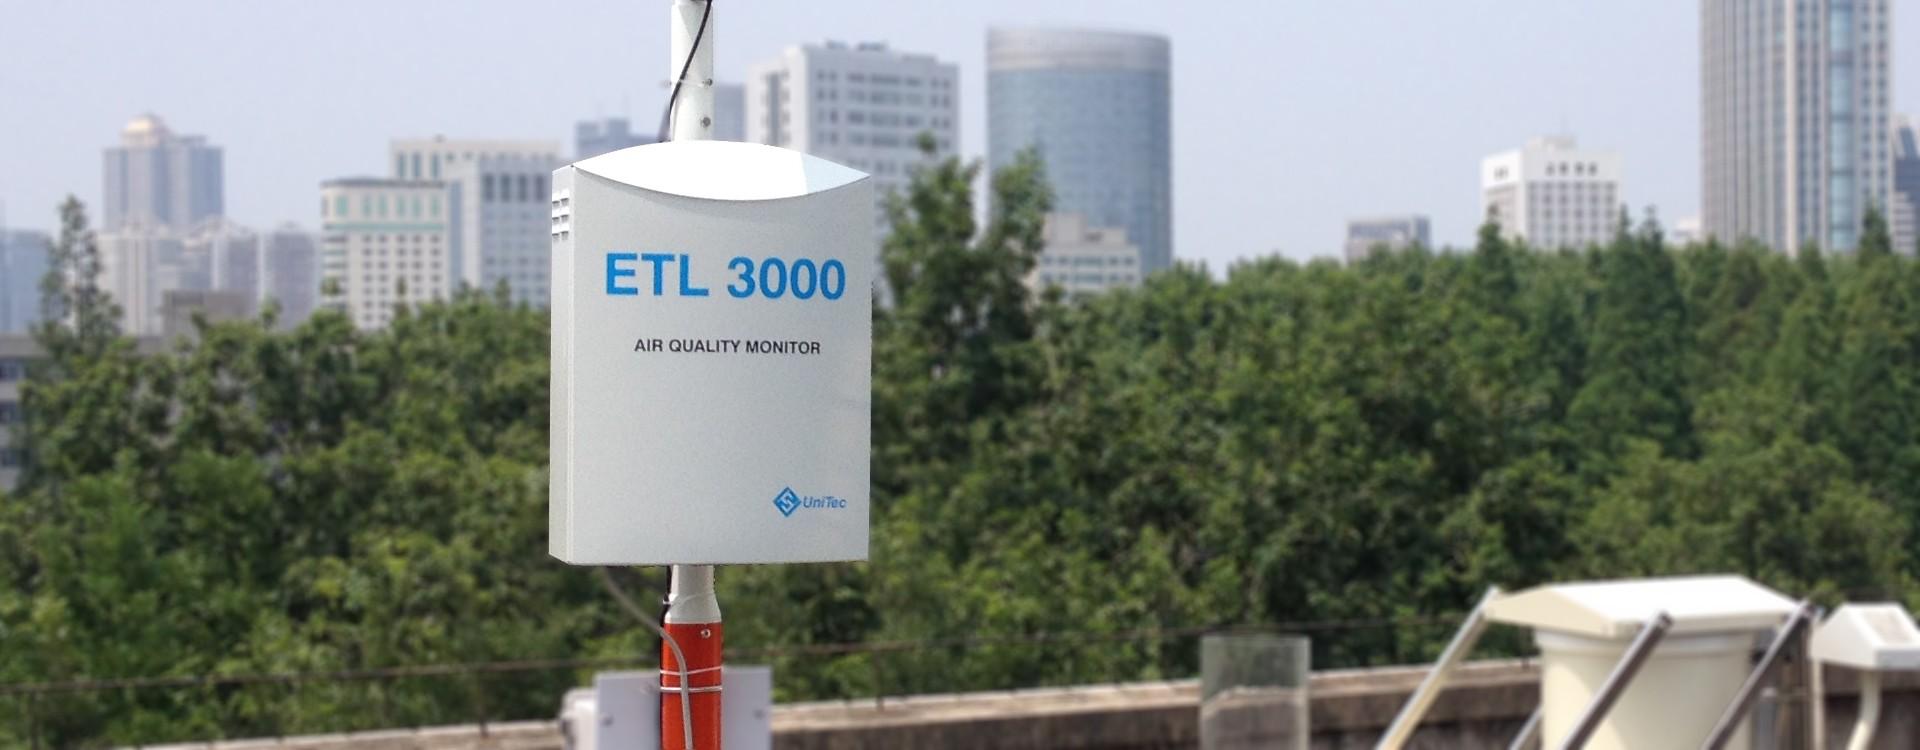 空氣質量在線監測系統